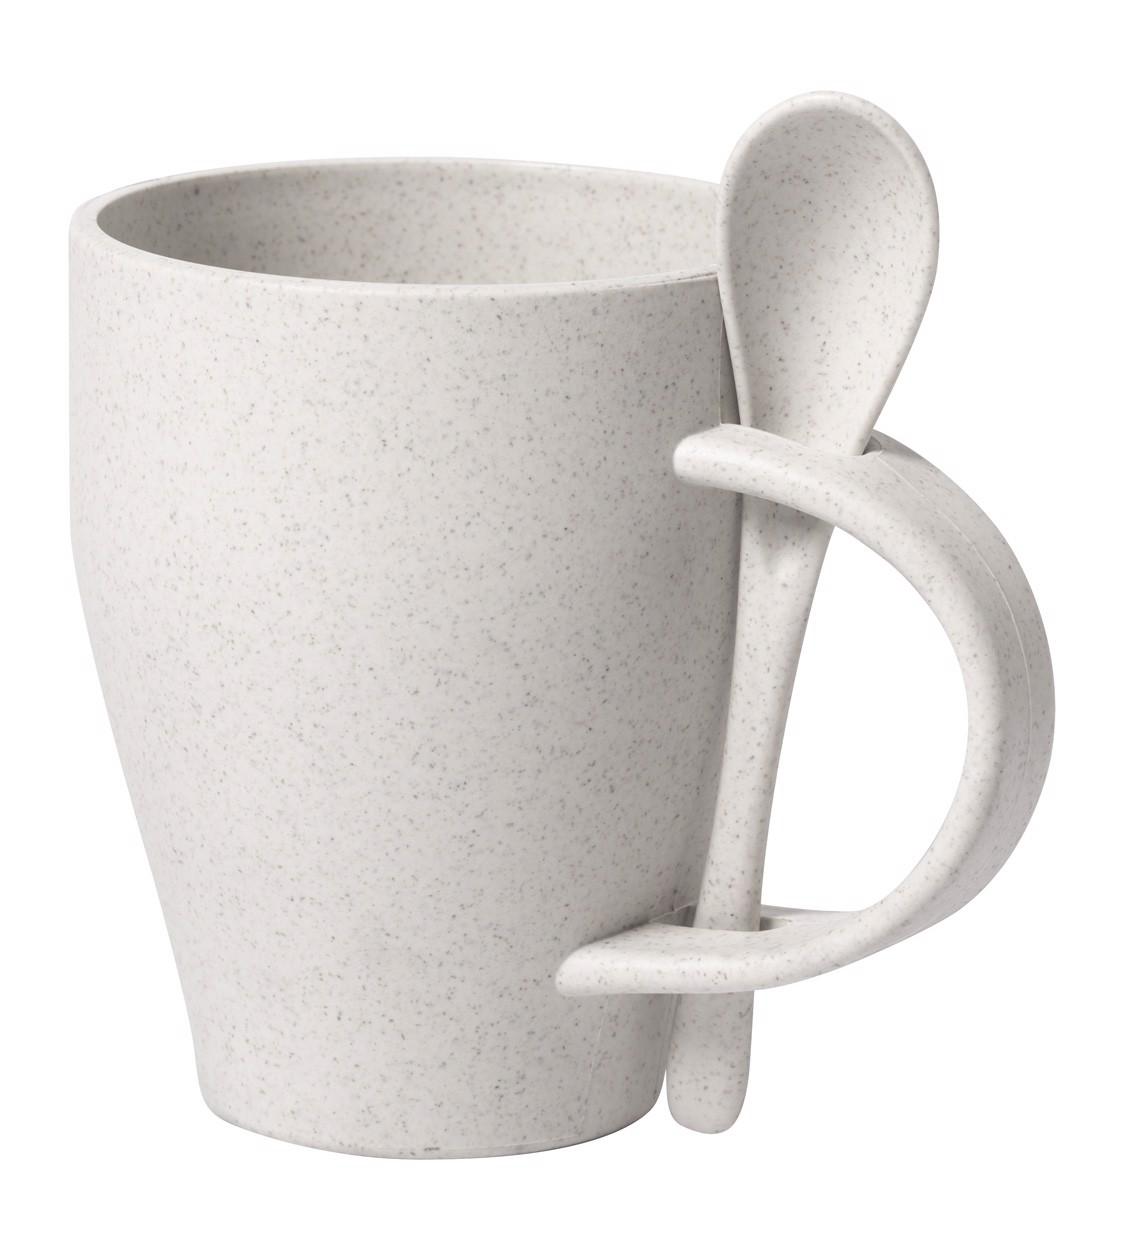 Mug Teplan - Natural